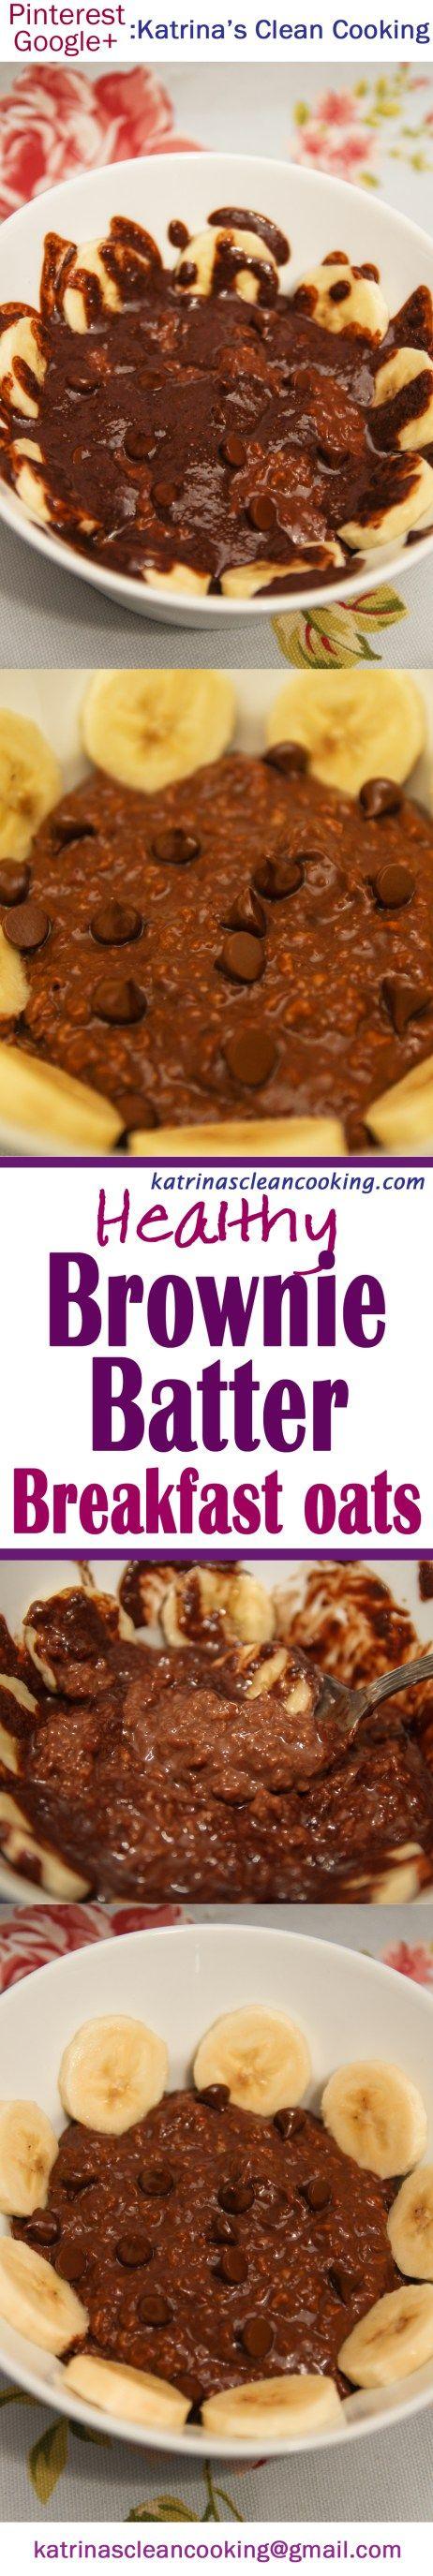 Healthy Chocolate Brownie Batter Breakfast Oats #Healthy #Breakfast #chocolate #lowsugar #sugarfree